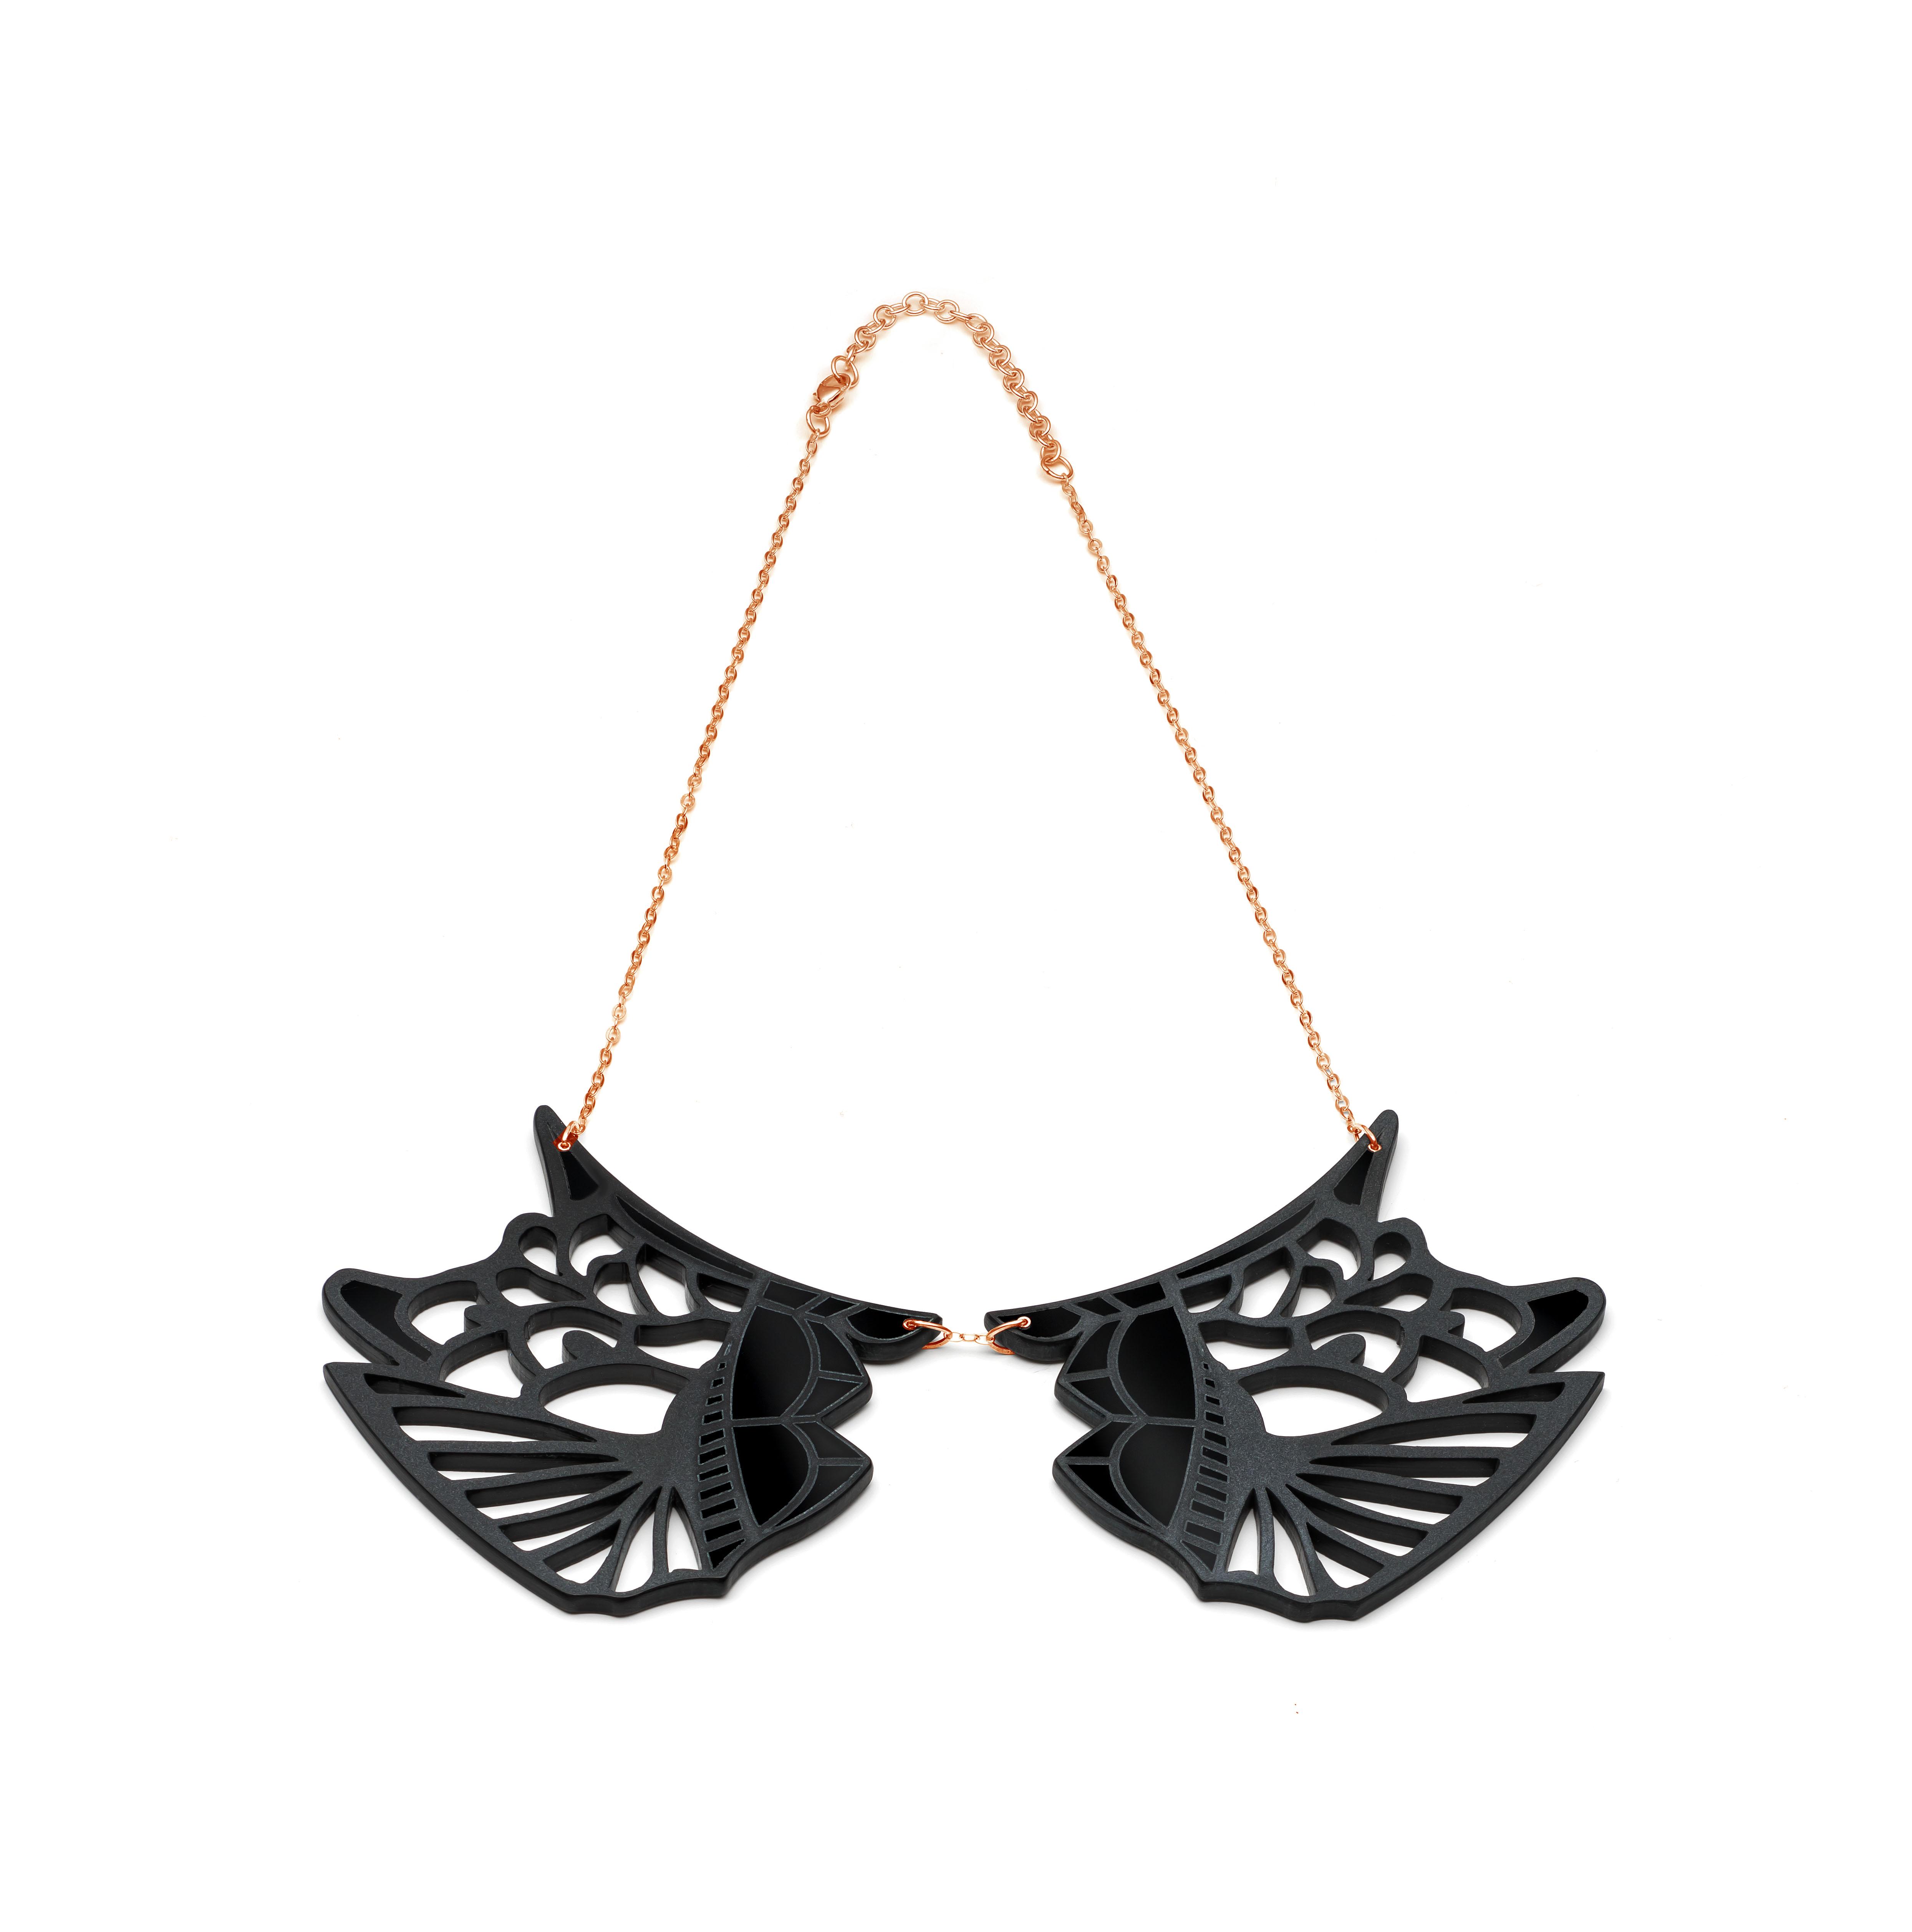 'Irezumi Black' Collar - £150